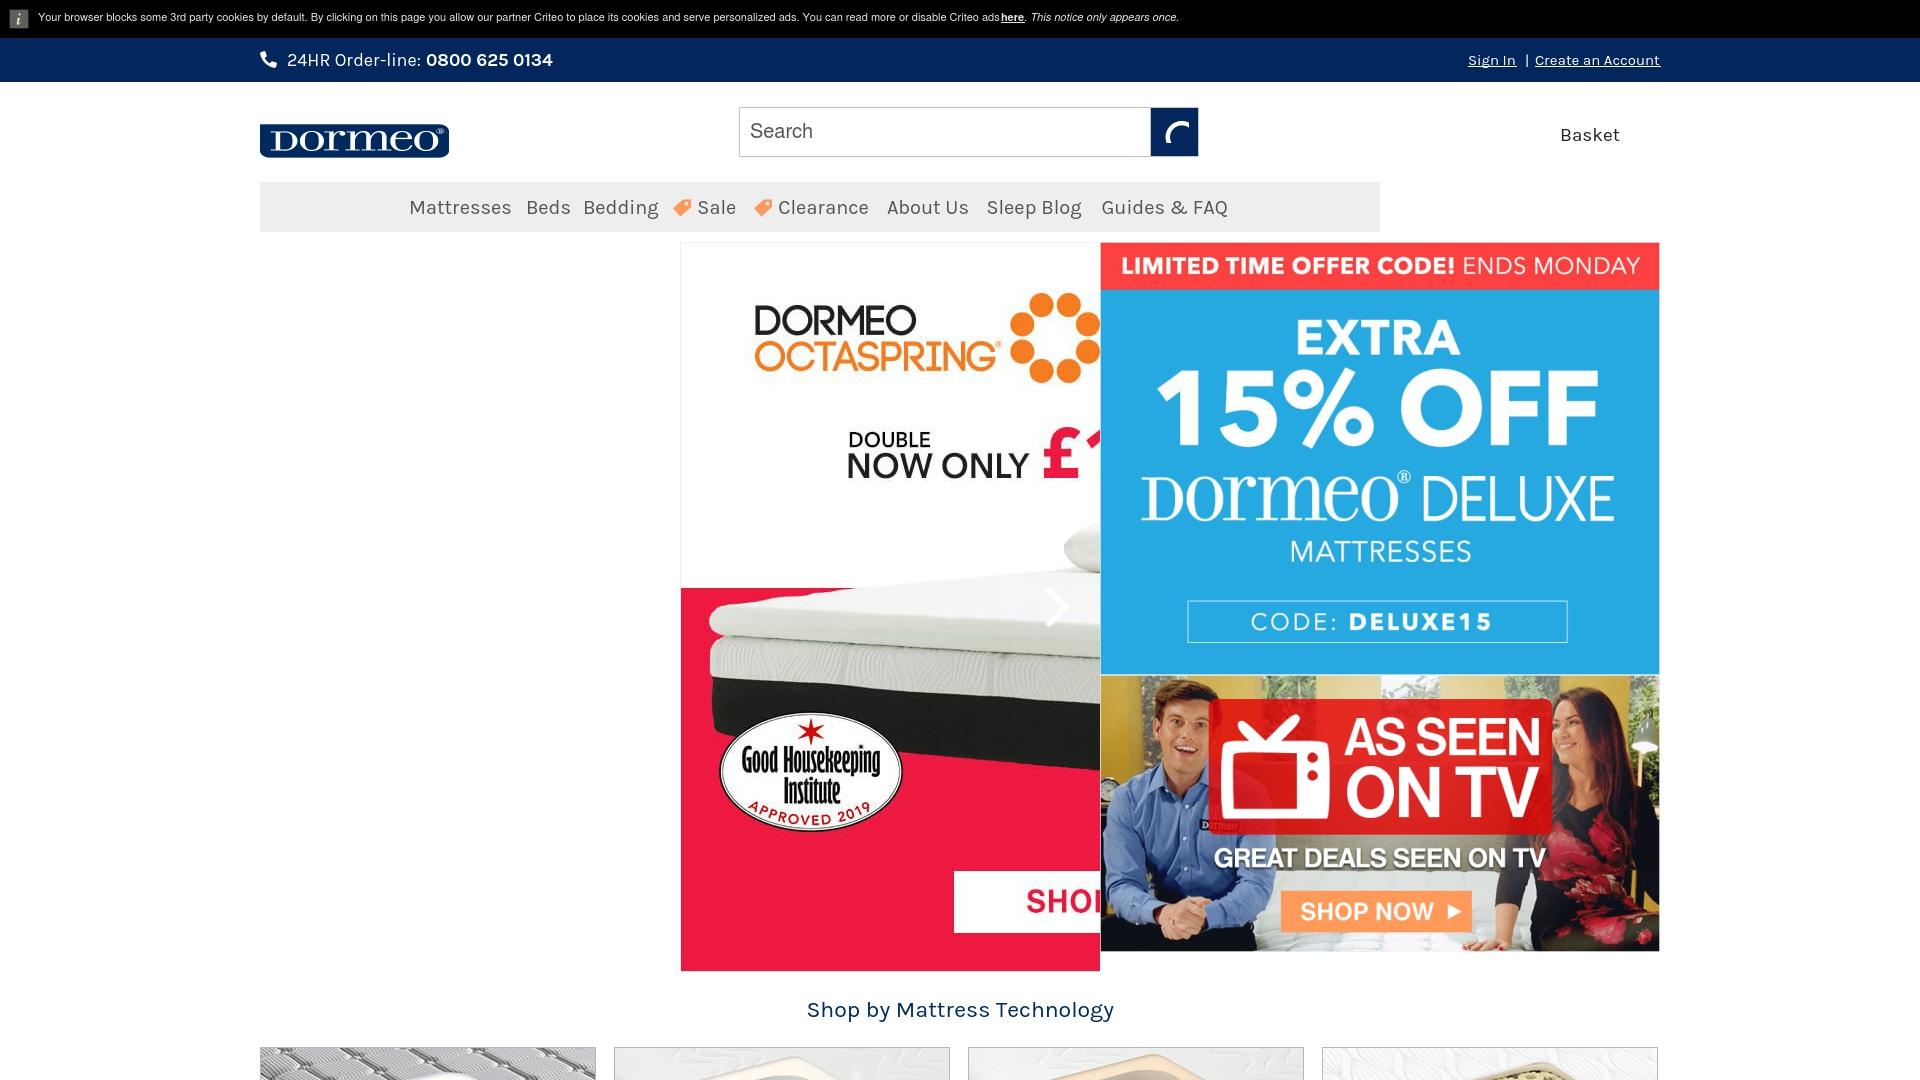 Gutschein für Dormeo: Rabatte für  Dormeo sichern